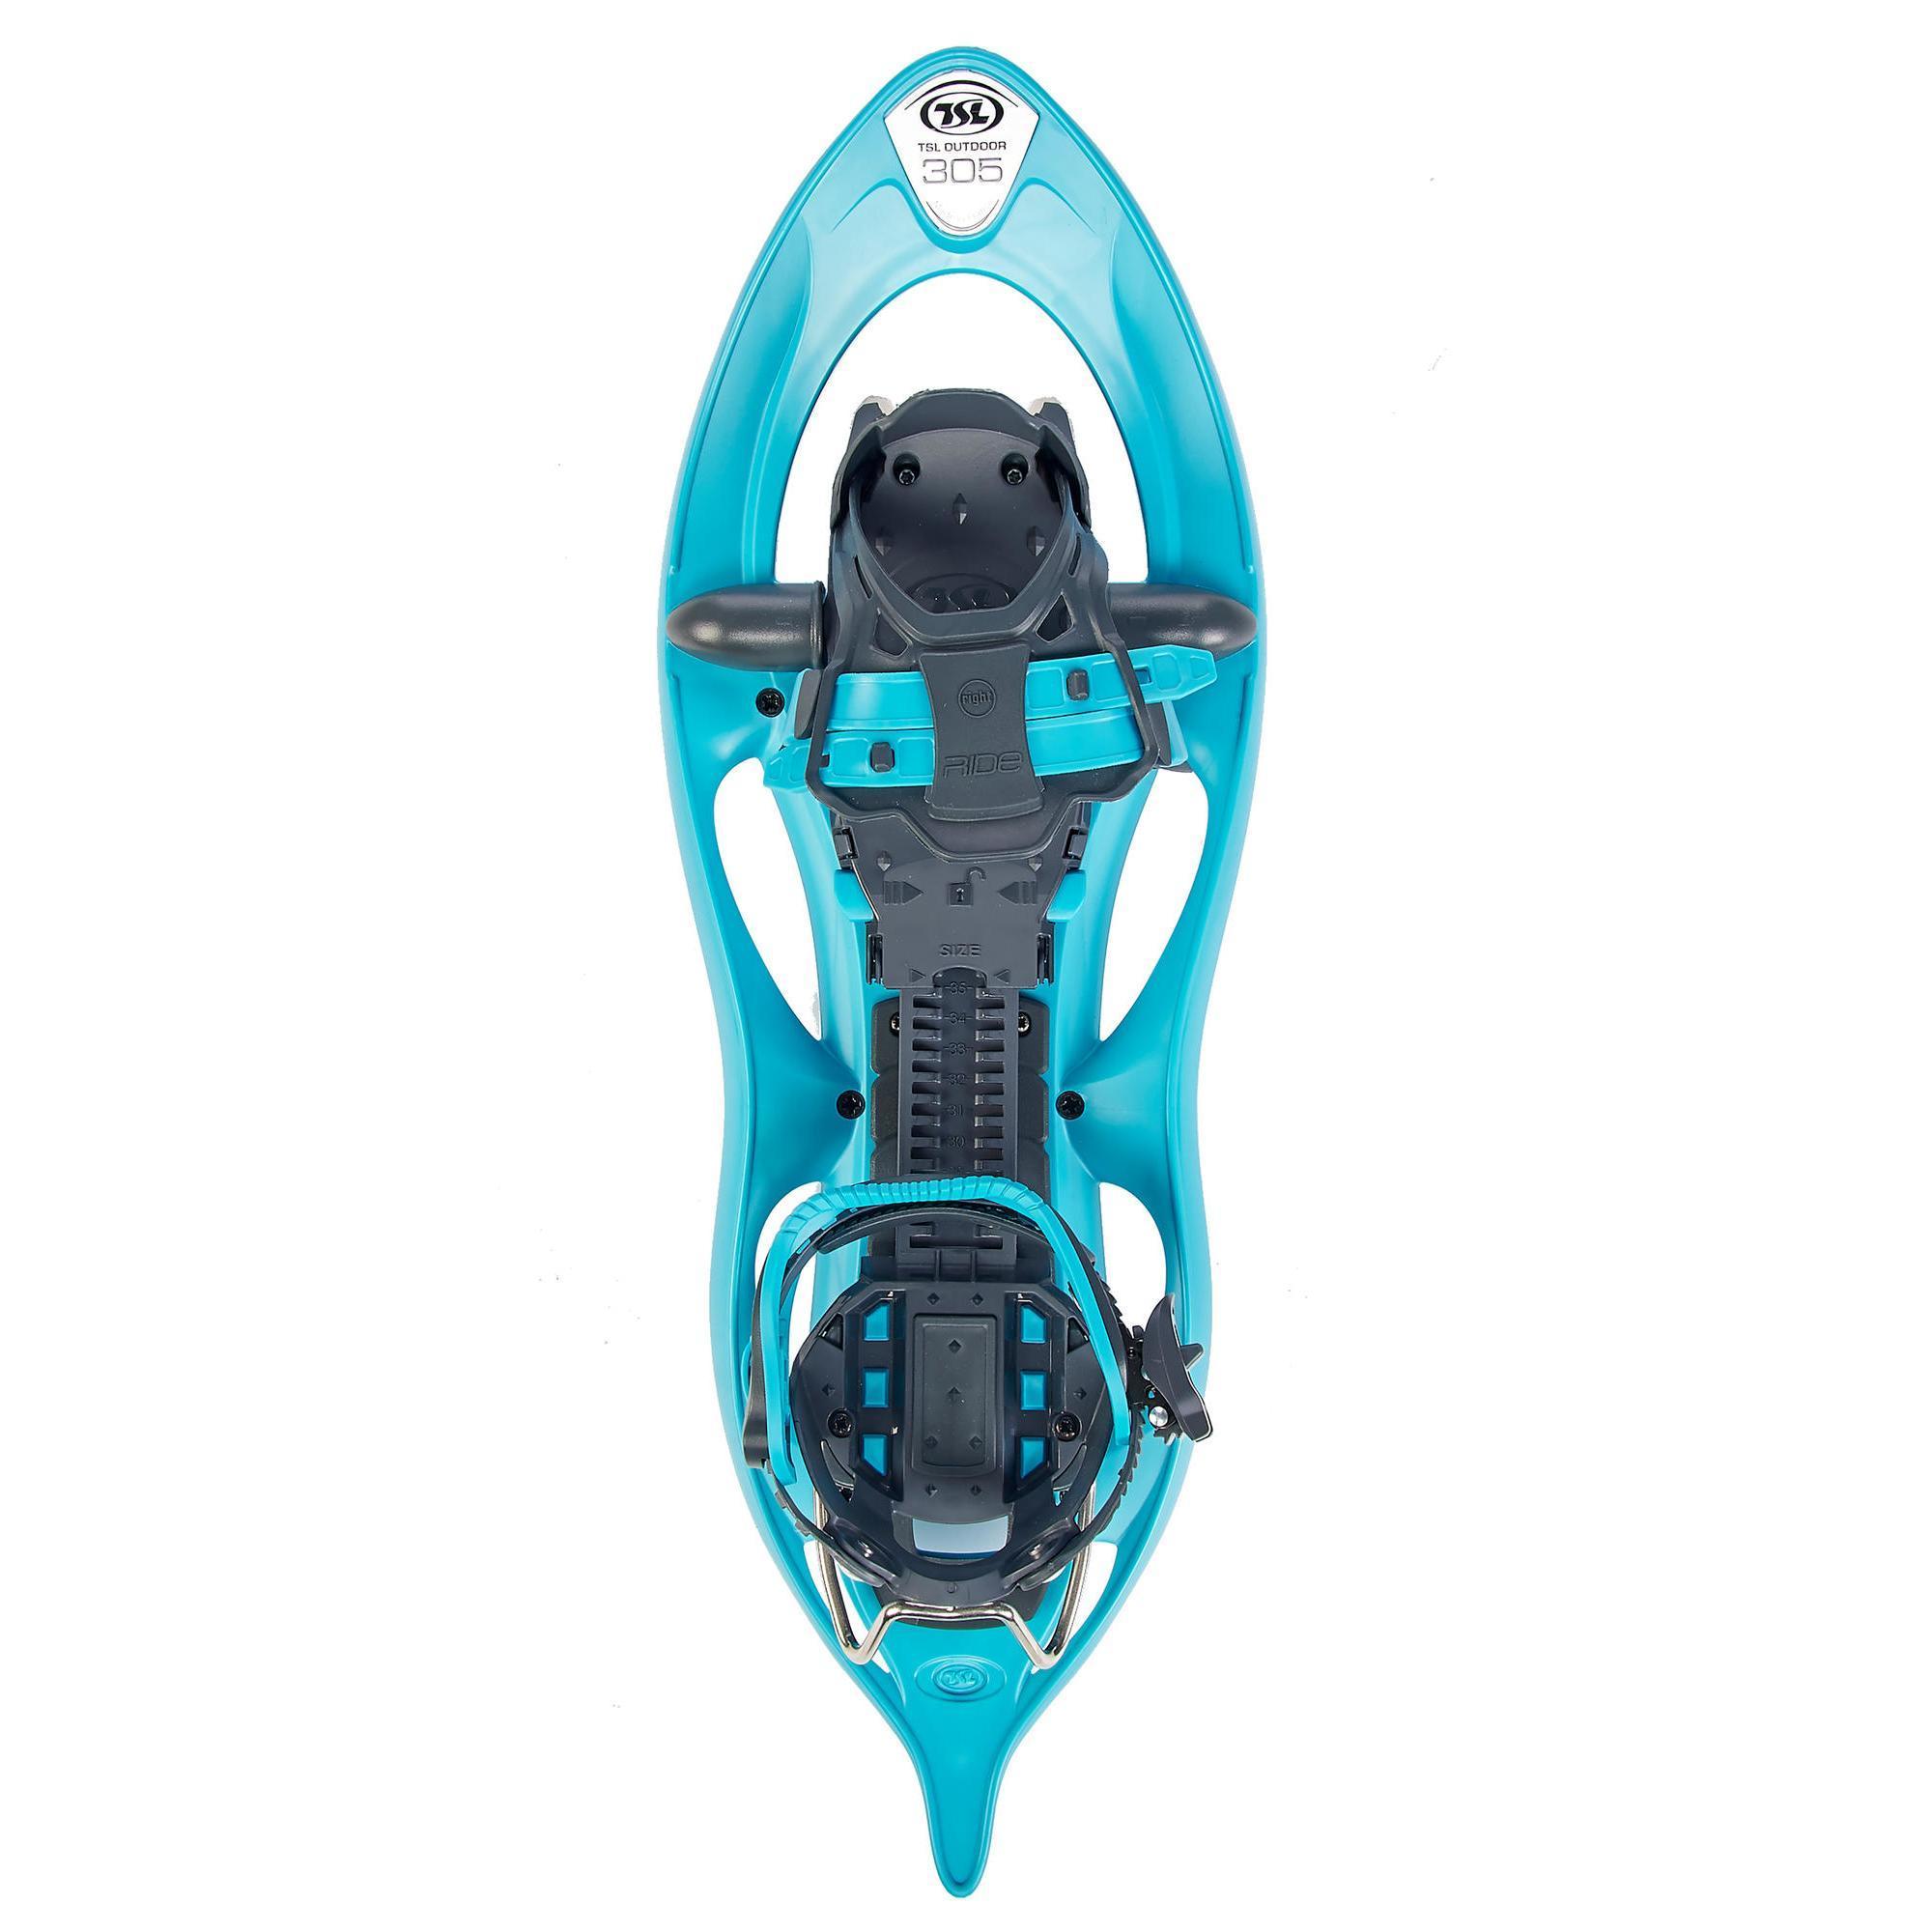 Schneeschuhe 305 Ride kleiner Rahmen türkis   Schuhe > Sportschuhe > Schneeschuhe   TSL